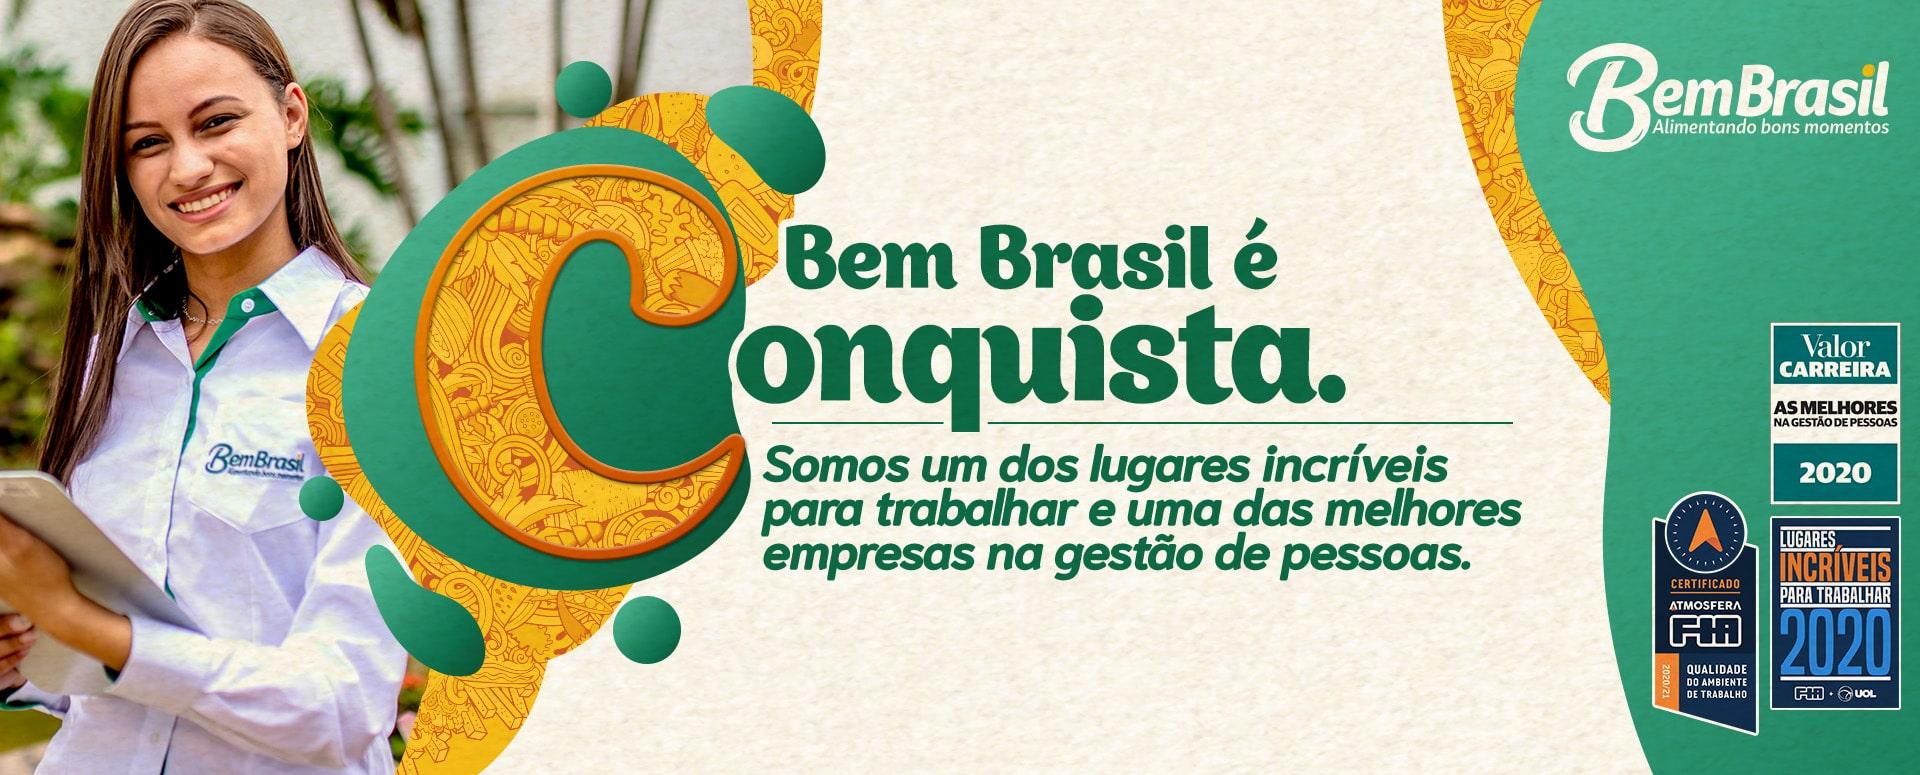 Bem brasil